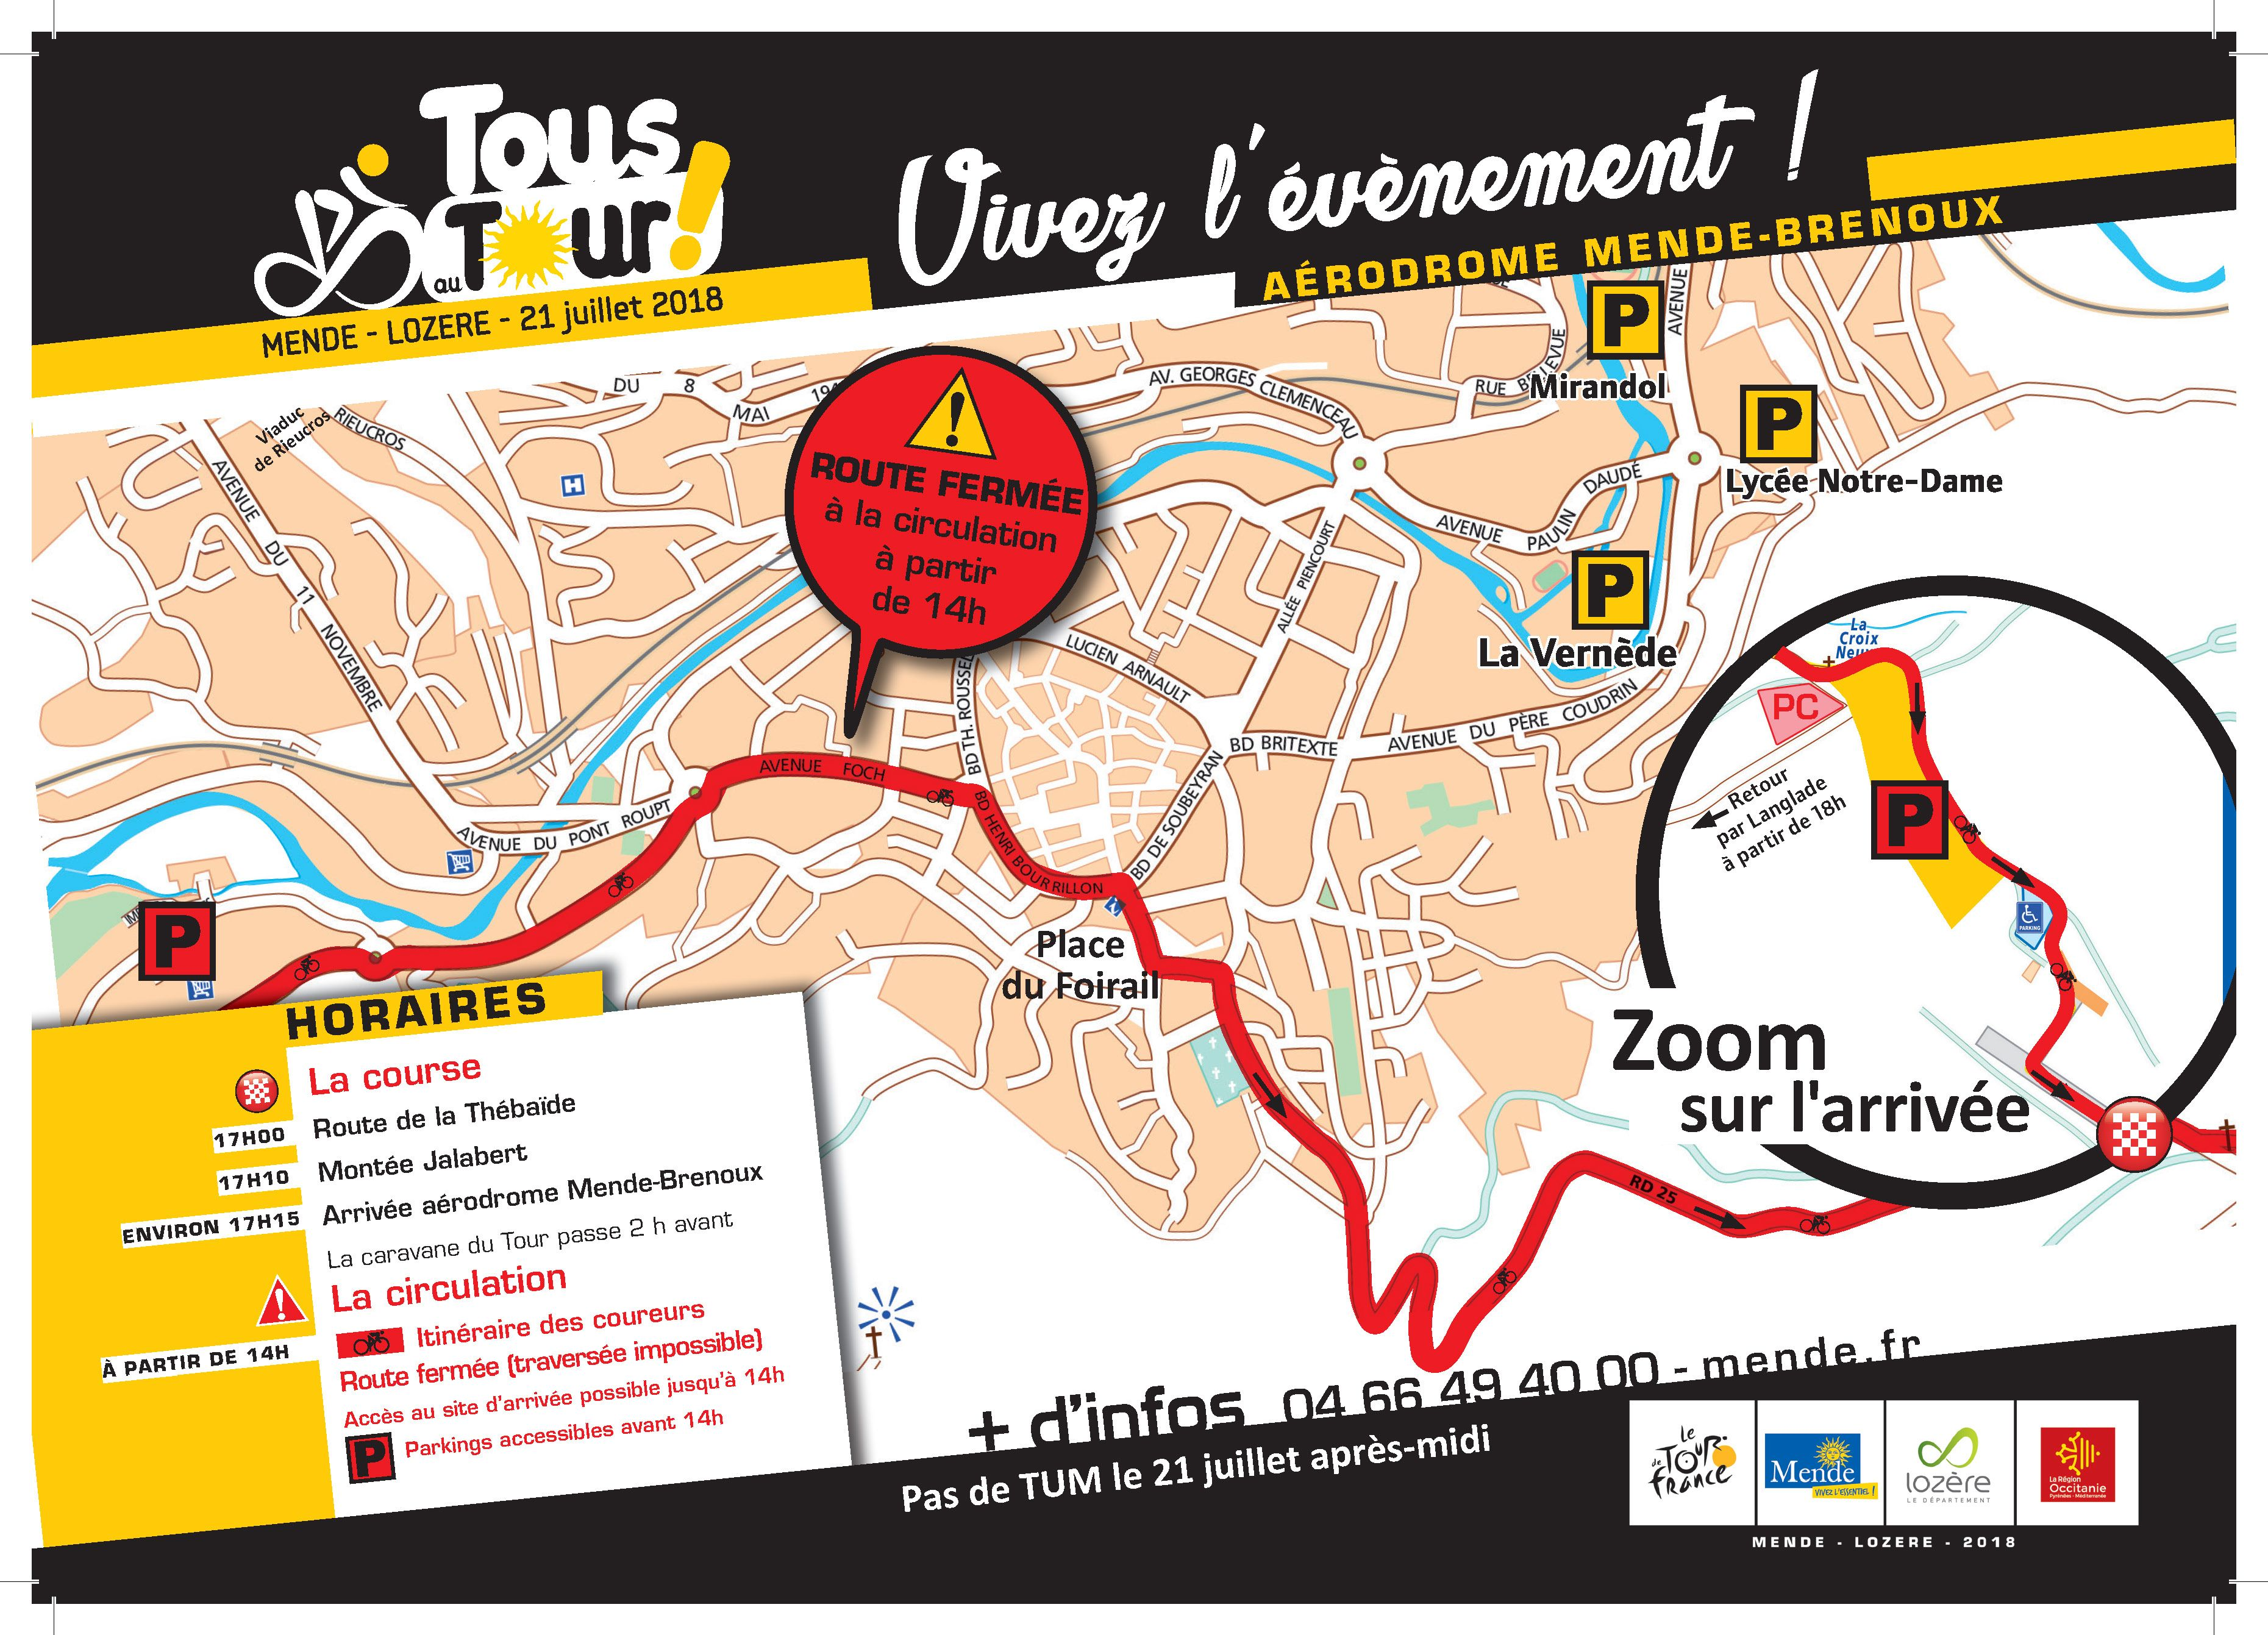 carte de circulation dans Mende, Tour de France 2018 | Tour de france, Carte, Circulation